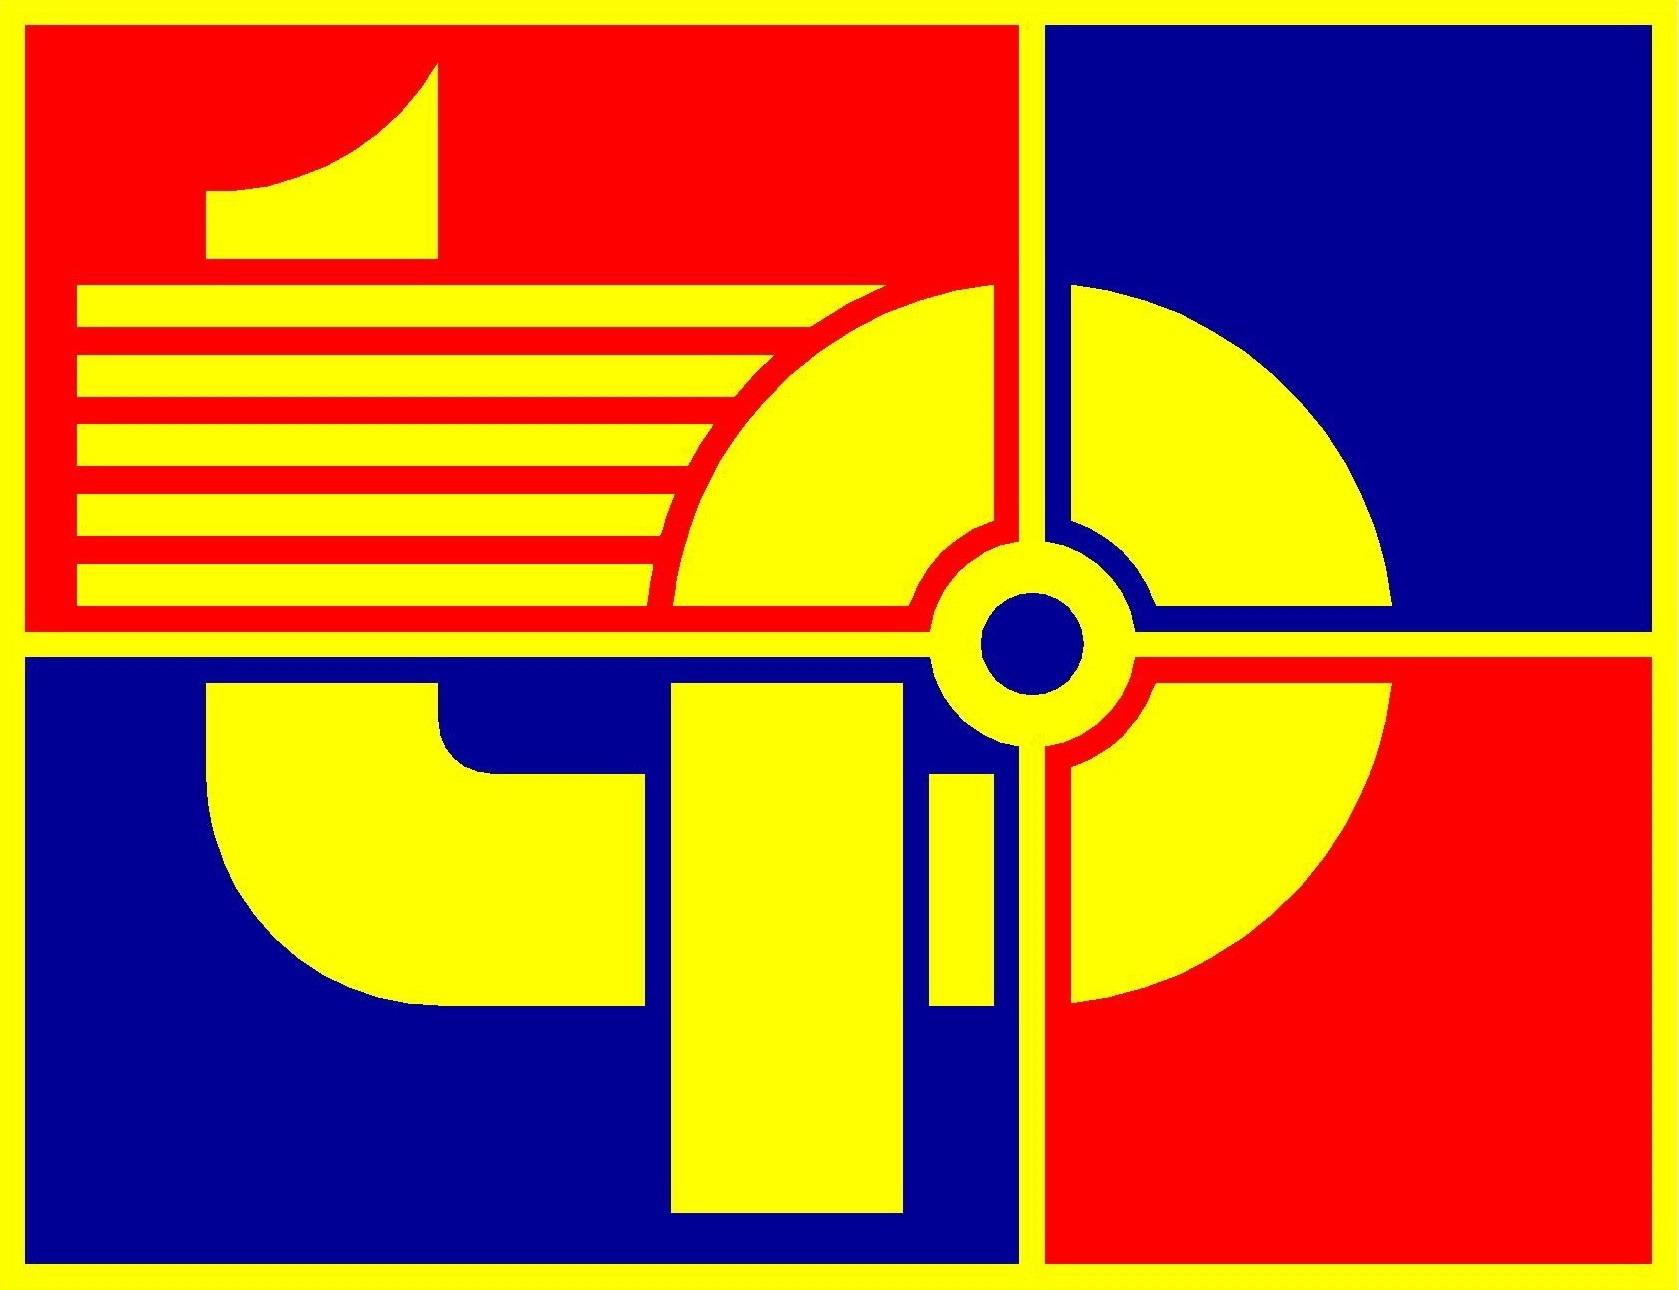 Logo cũ Thịnh Phát